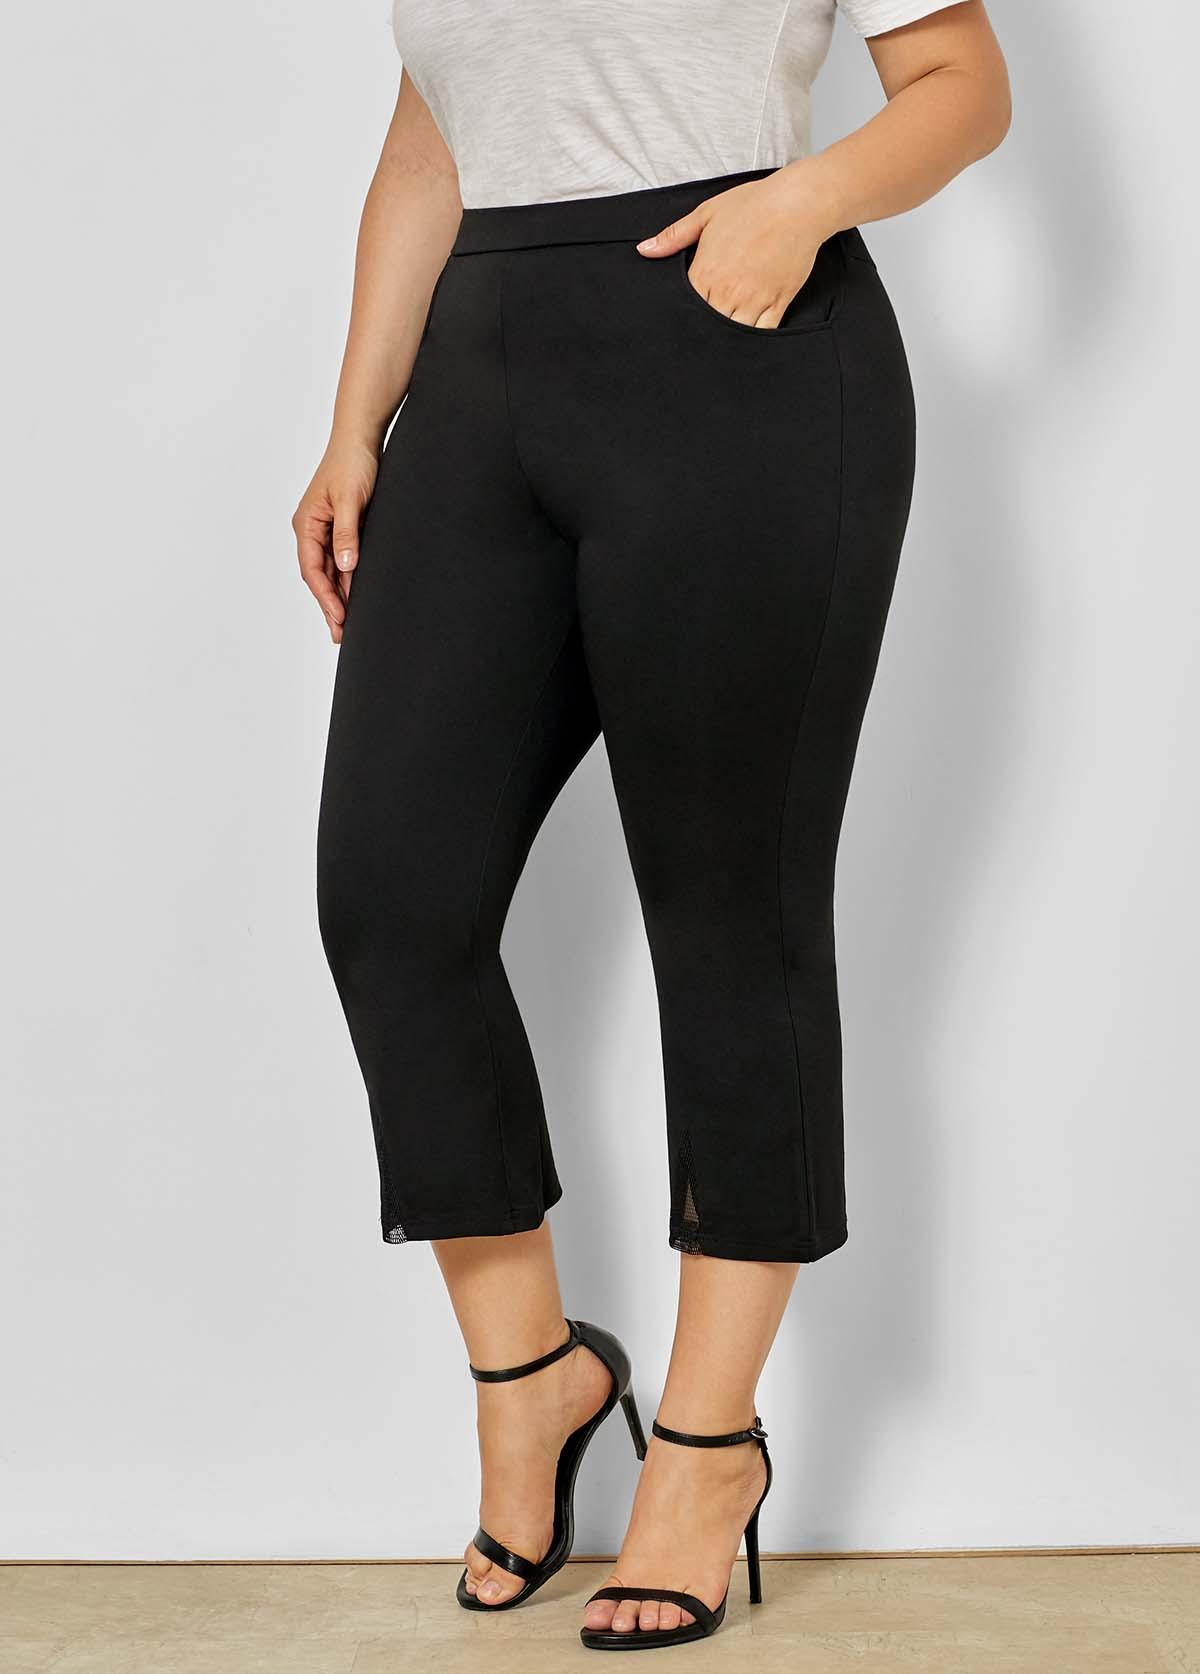 Mesh Stitching Plus Size Mid Waist Pants